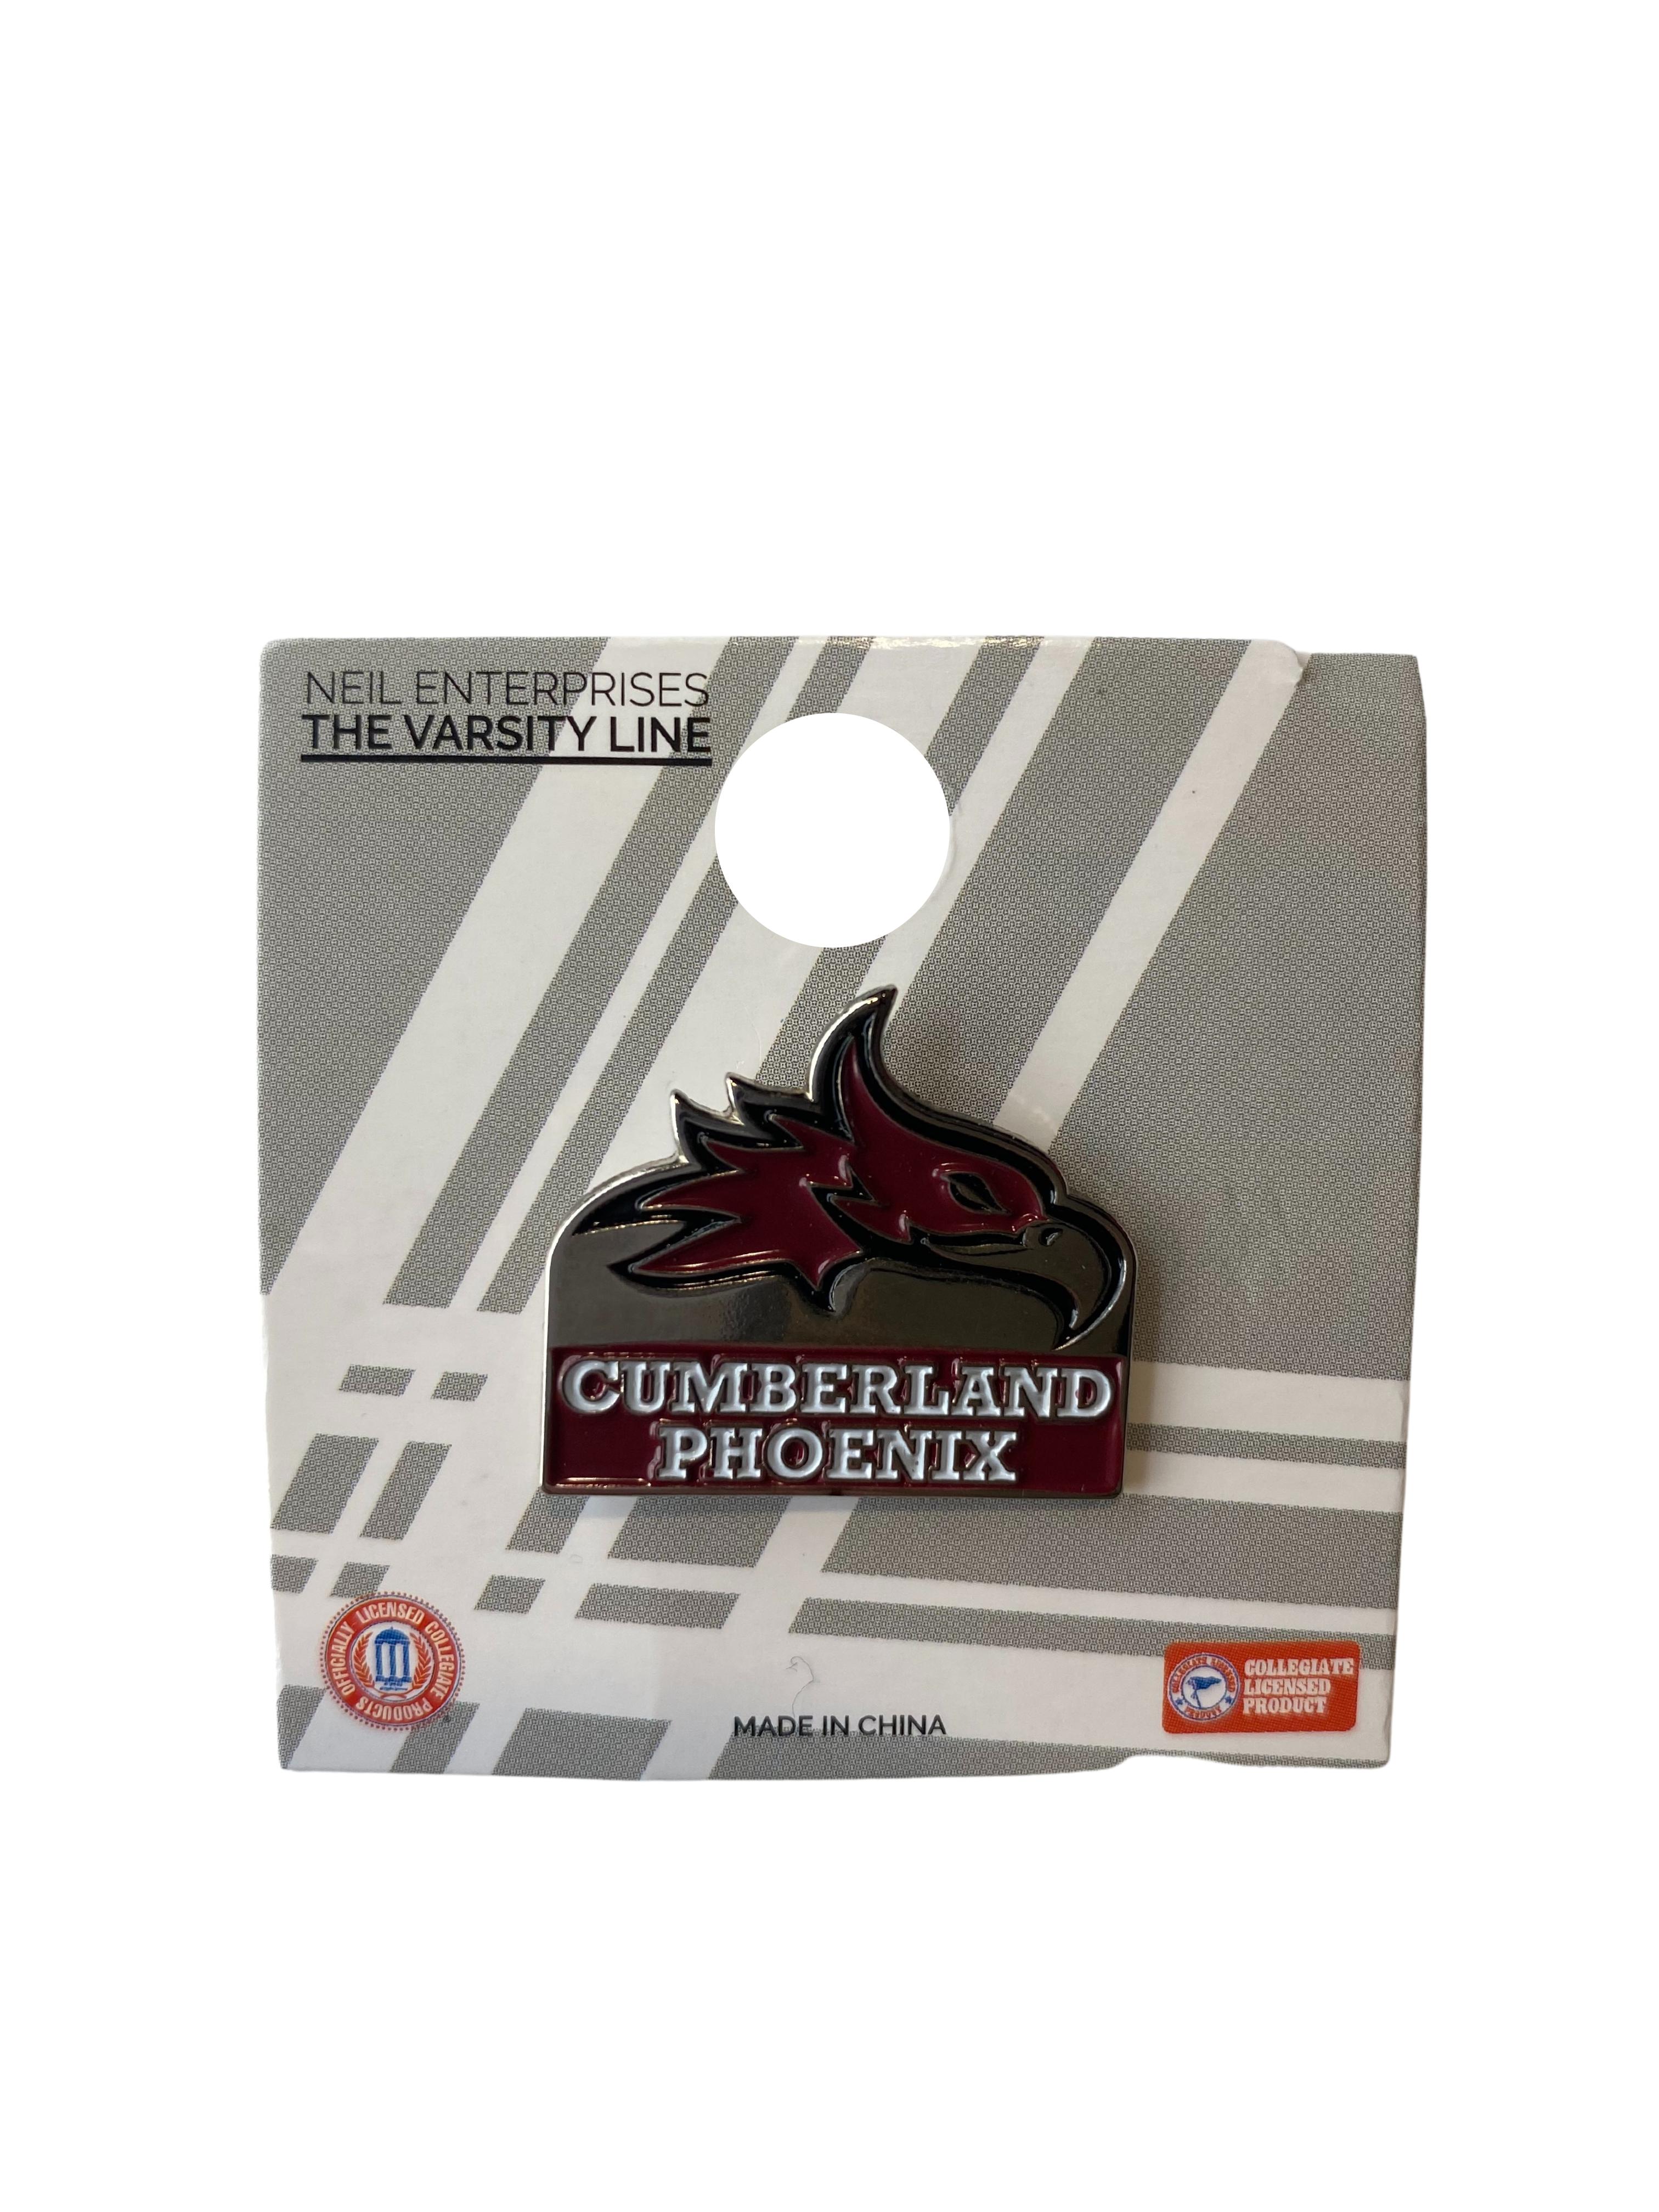 Cumberland Phoenix Lapel Pin